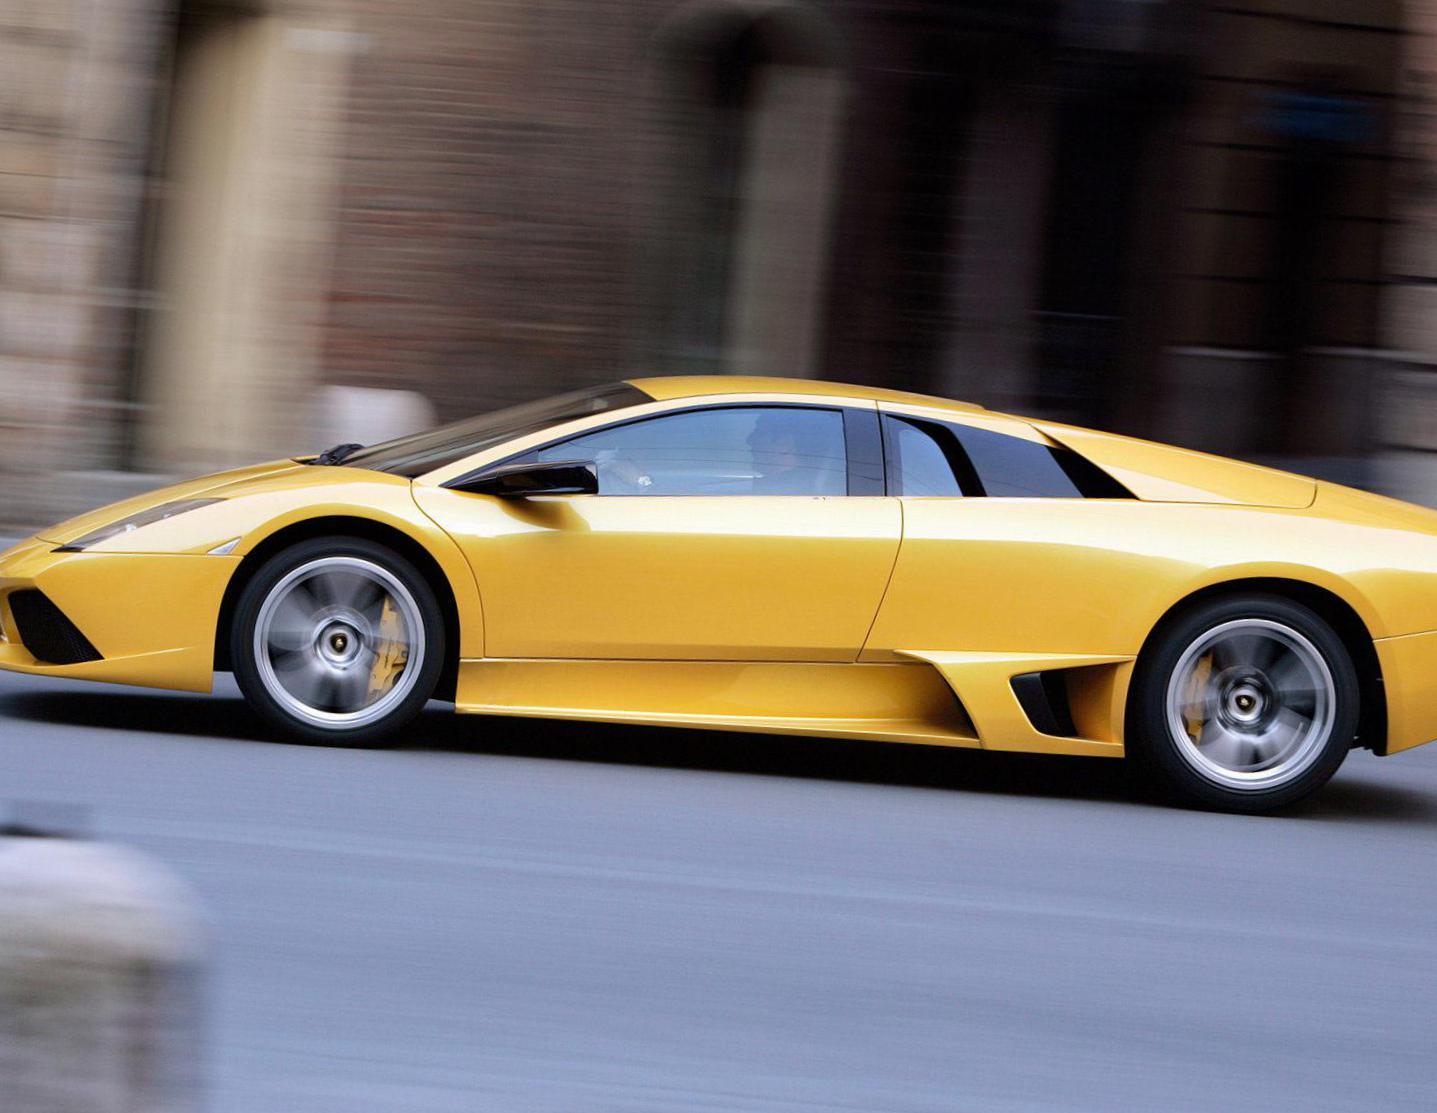 Lamborghini Murcielago Lp 640 Roadster Photos And Specs Photo